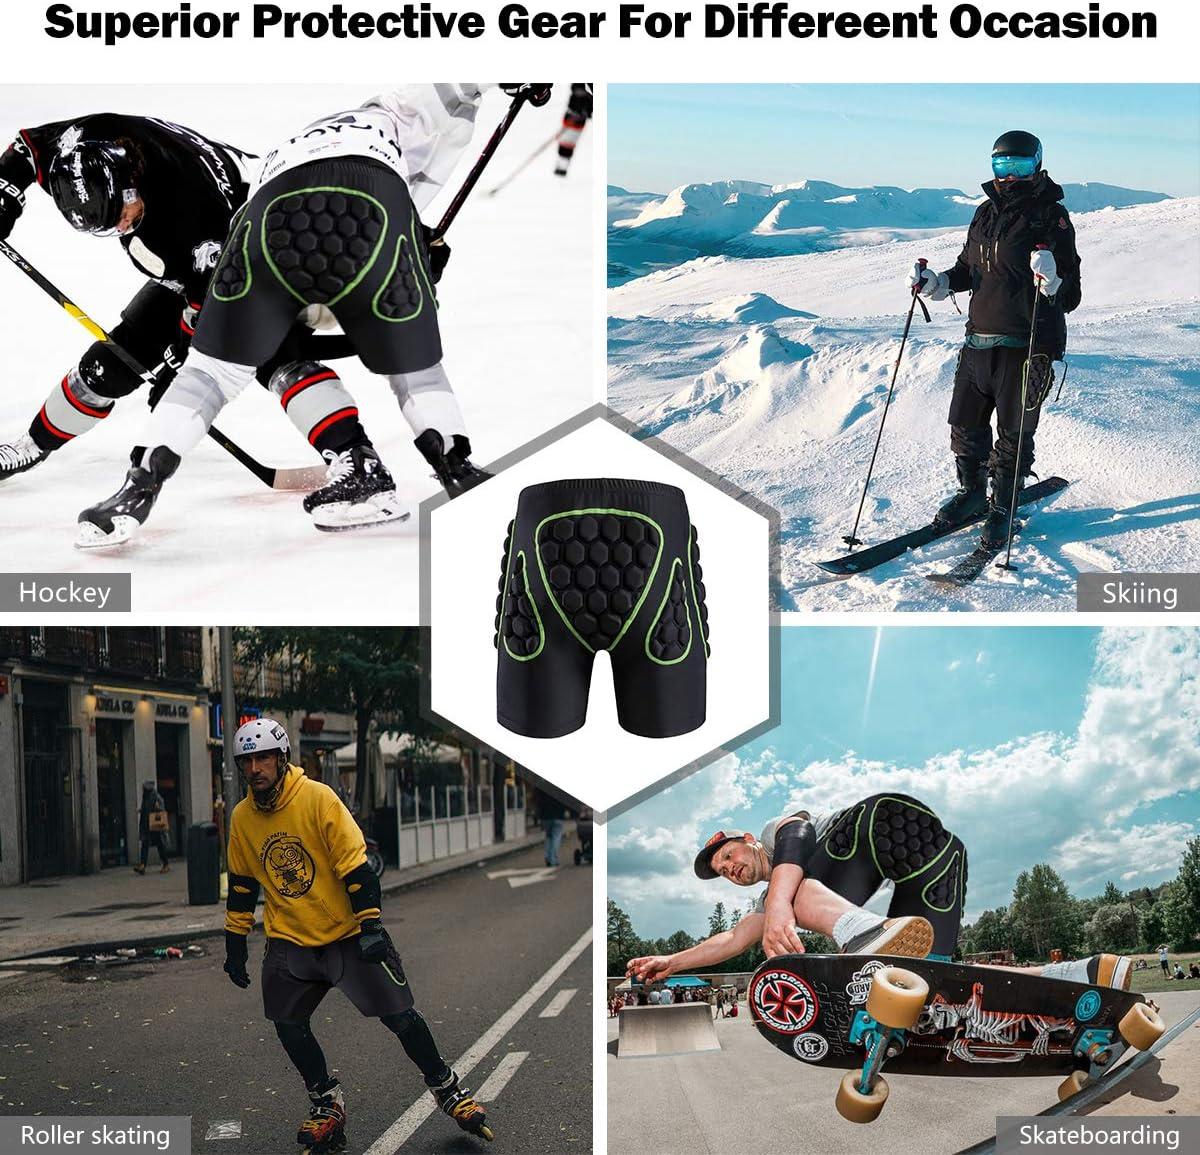 Hielo KINGUARD esqu/í Hockey o Ciclismo Pantalones Cortos Acolchados 3D con protecci/ón de coxis y coxis para Snowboard Ciclismo